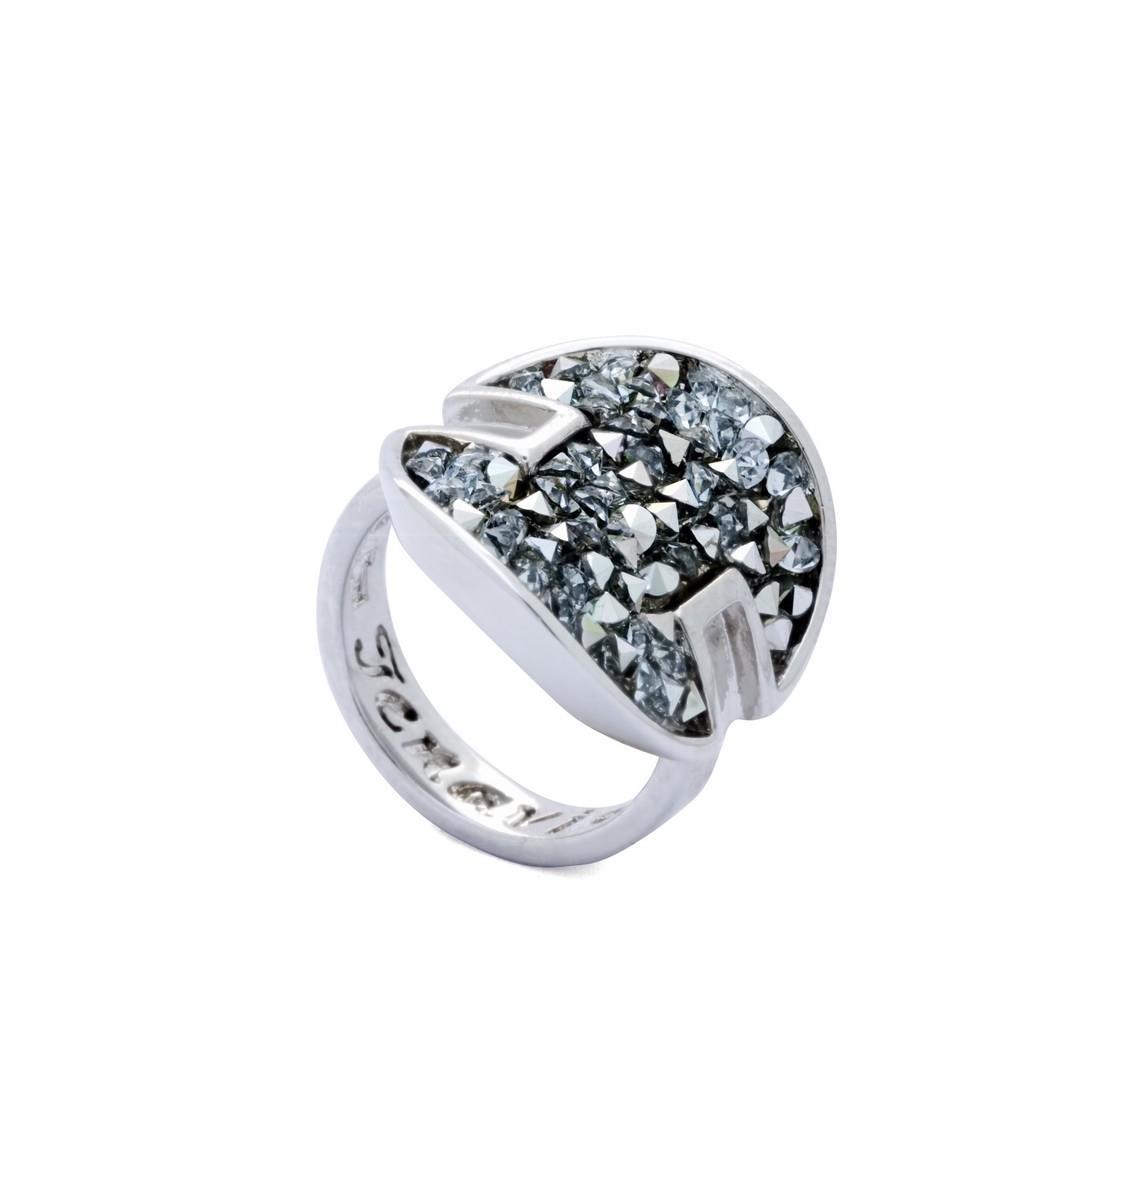 Кольцо Jenavi Октейн, цвет: серебряный, белый. j939f000. Размер 16j939f000Элегантное кольцо Jenavi Октейн выполнено из гипоаллергенного ювелирного сплава, оформлено символикой бренда и кристаллами Swarovski. Стильное кольцо придаст вашему образу изюминку, подчеркнет индивидуальность.